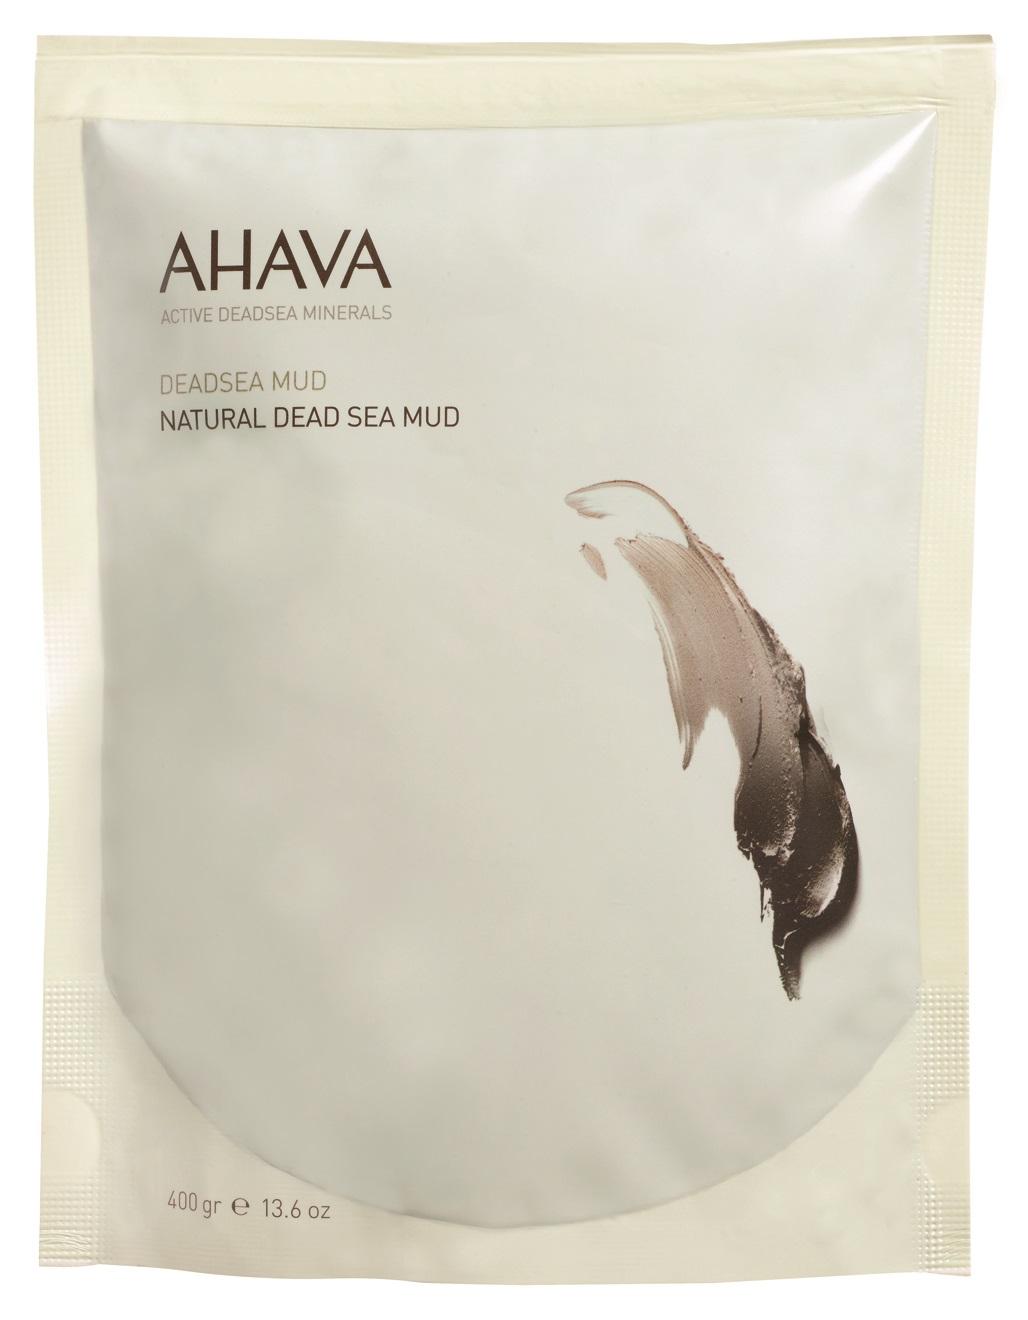 AHAVA Грязь мертвого моря натуральная / Deadsea Mud 400 г - Грязи